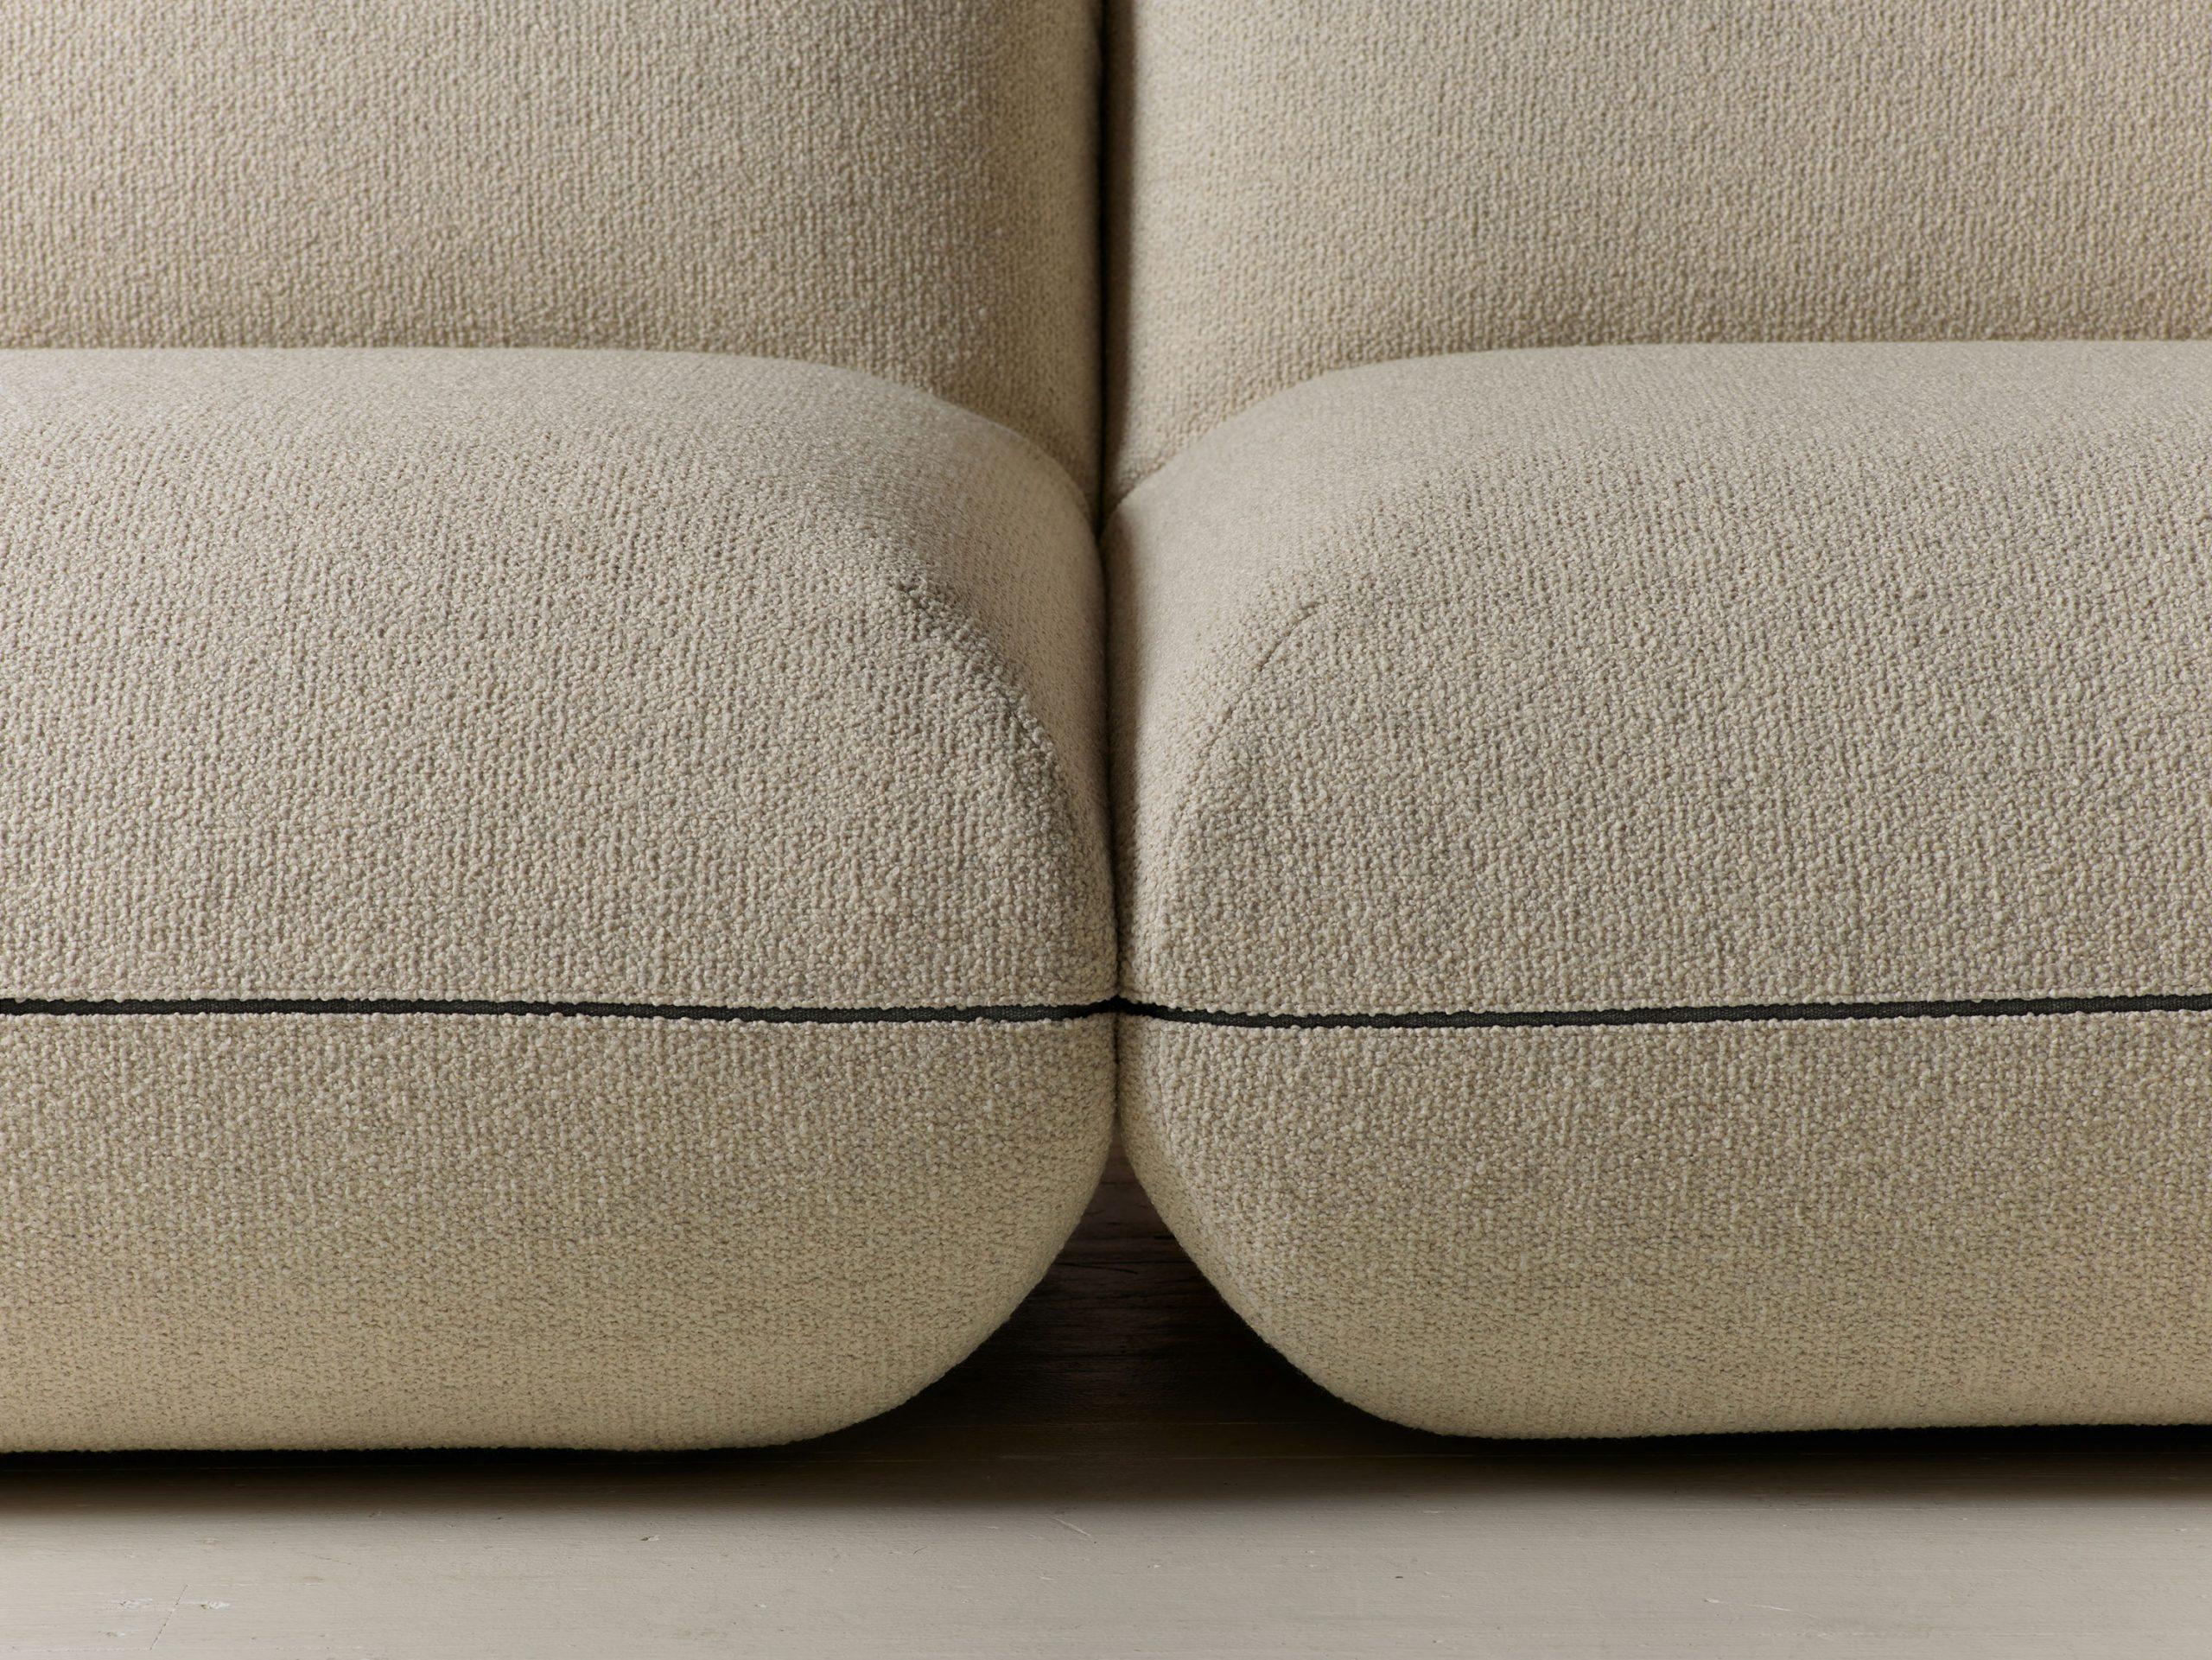 Möbel TAUSCH - einrichten - Sofa JALIS 21